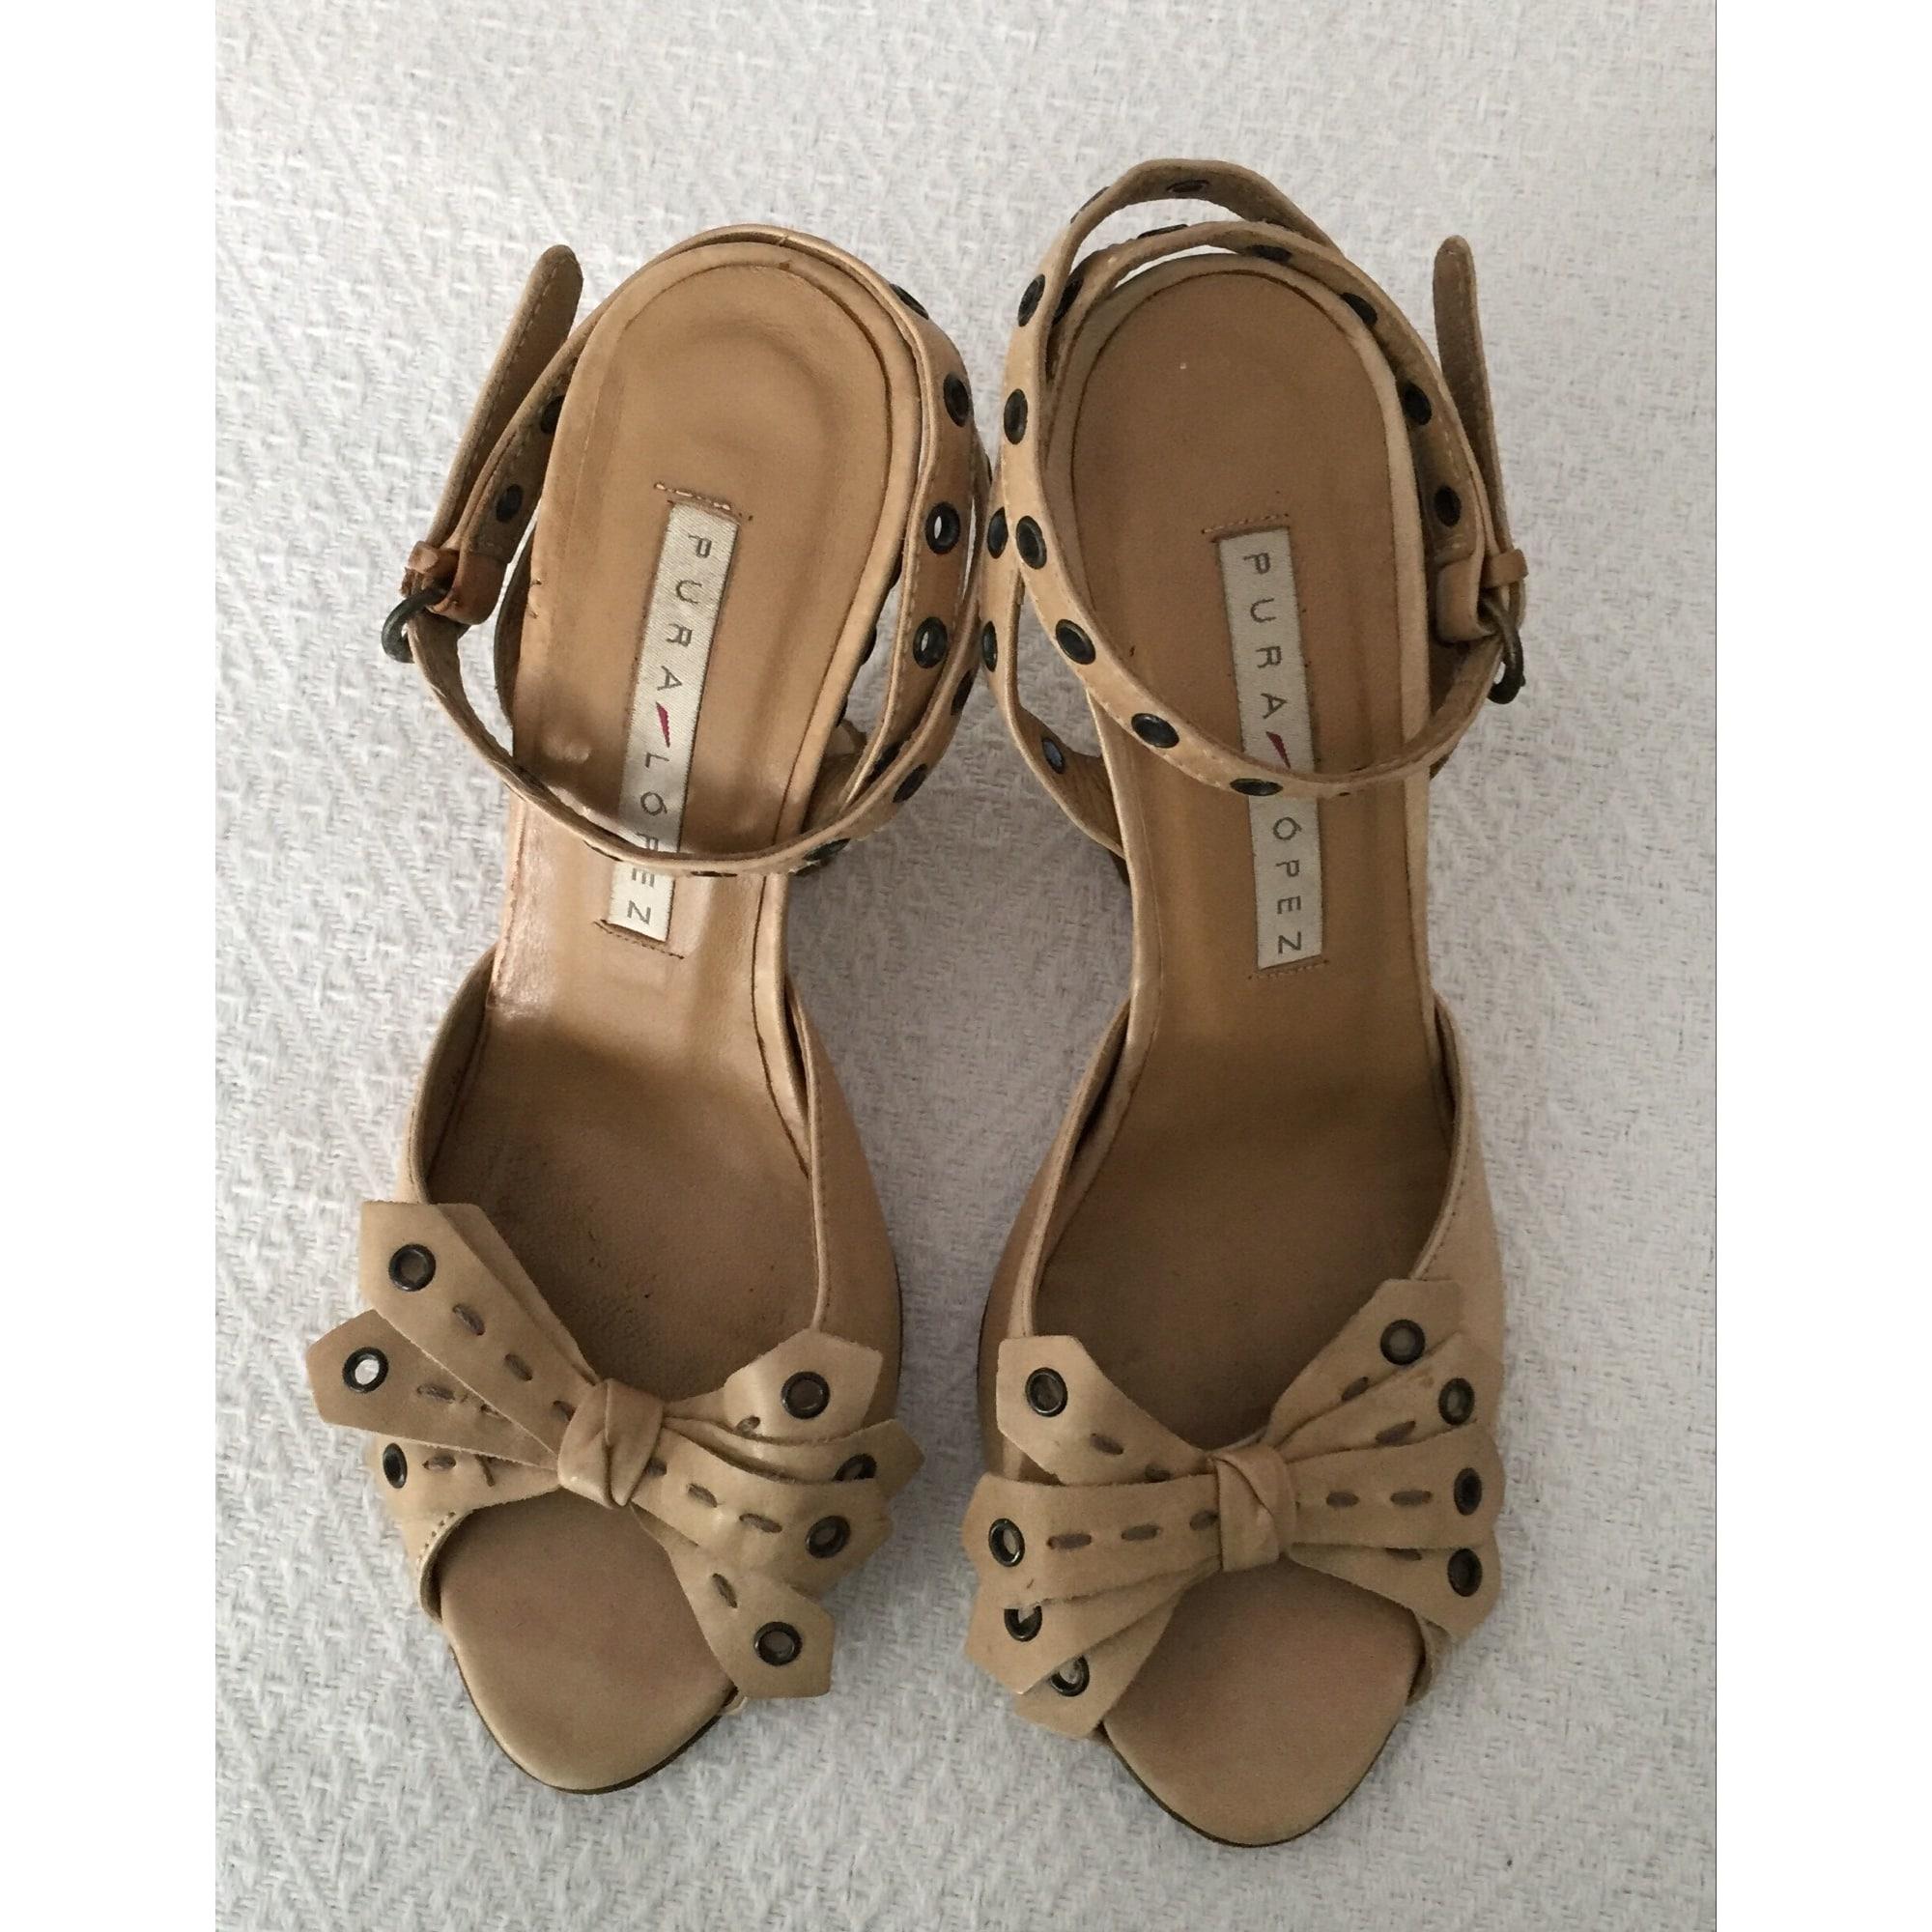 Sandales compensées PURA LOPEZ Beige, camel